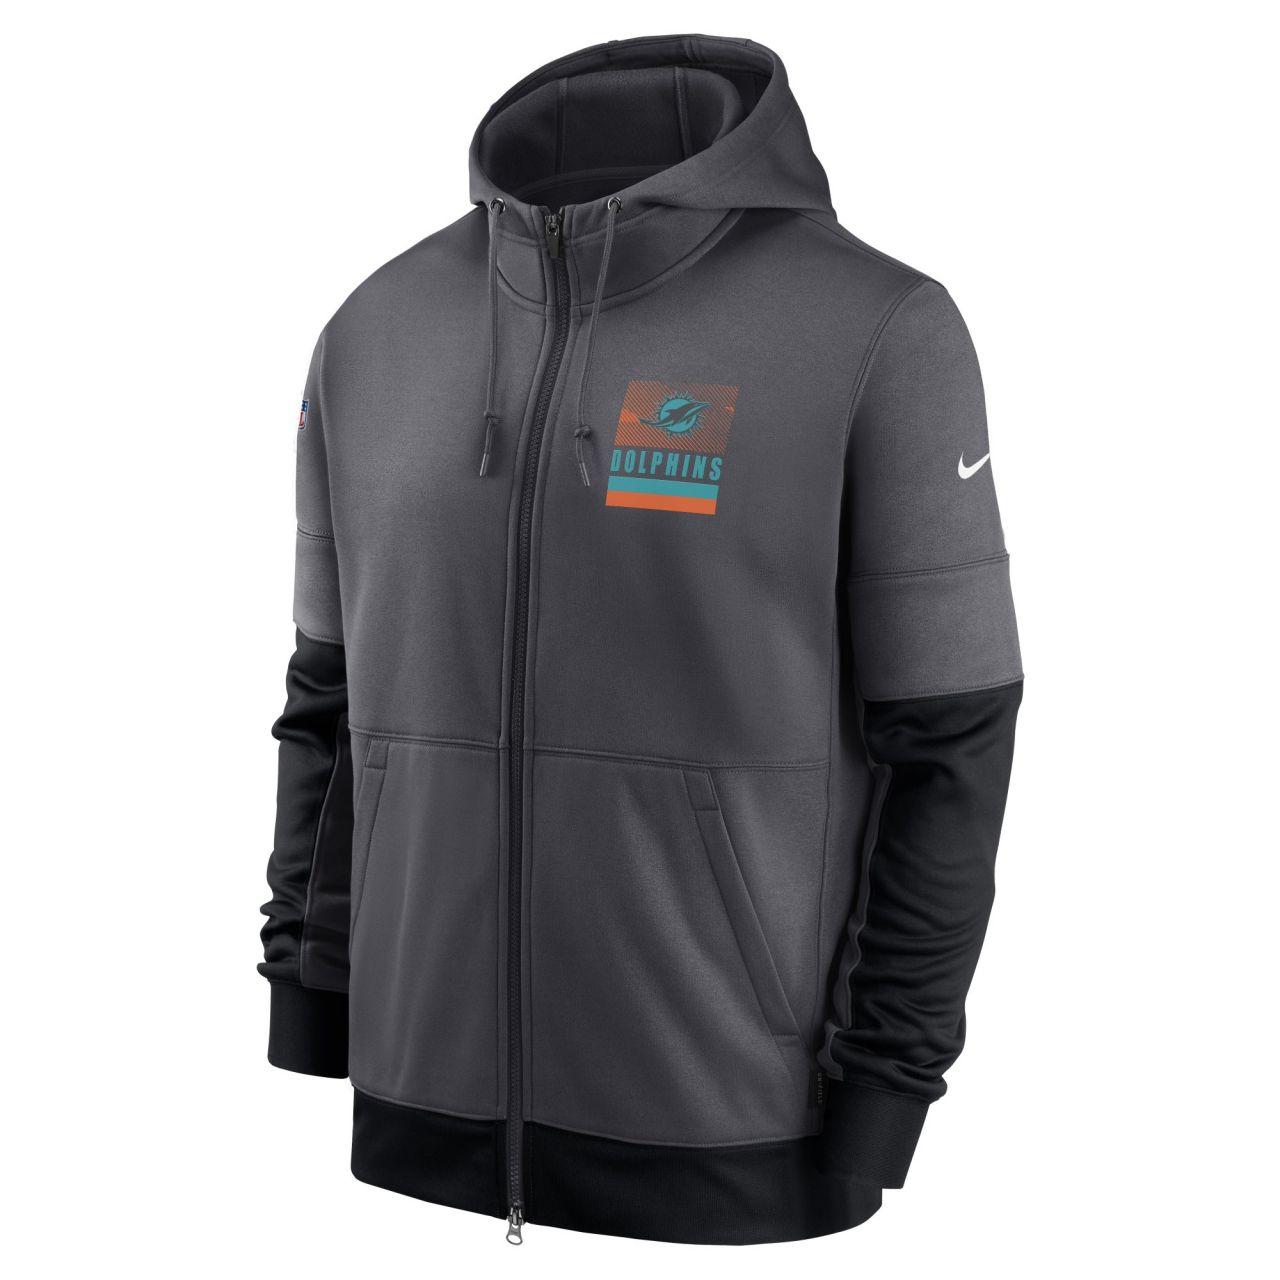 amfoo - Nike NFL Therma Zip Hoody - SIDELINE Miami Dolphins